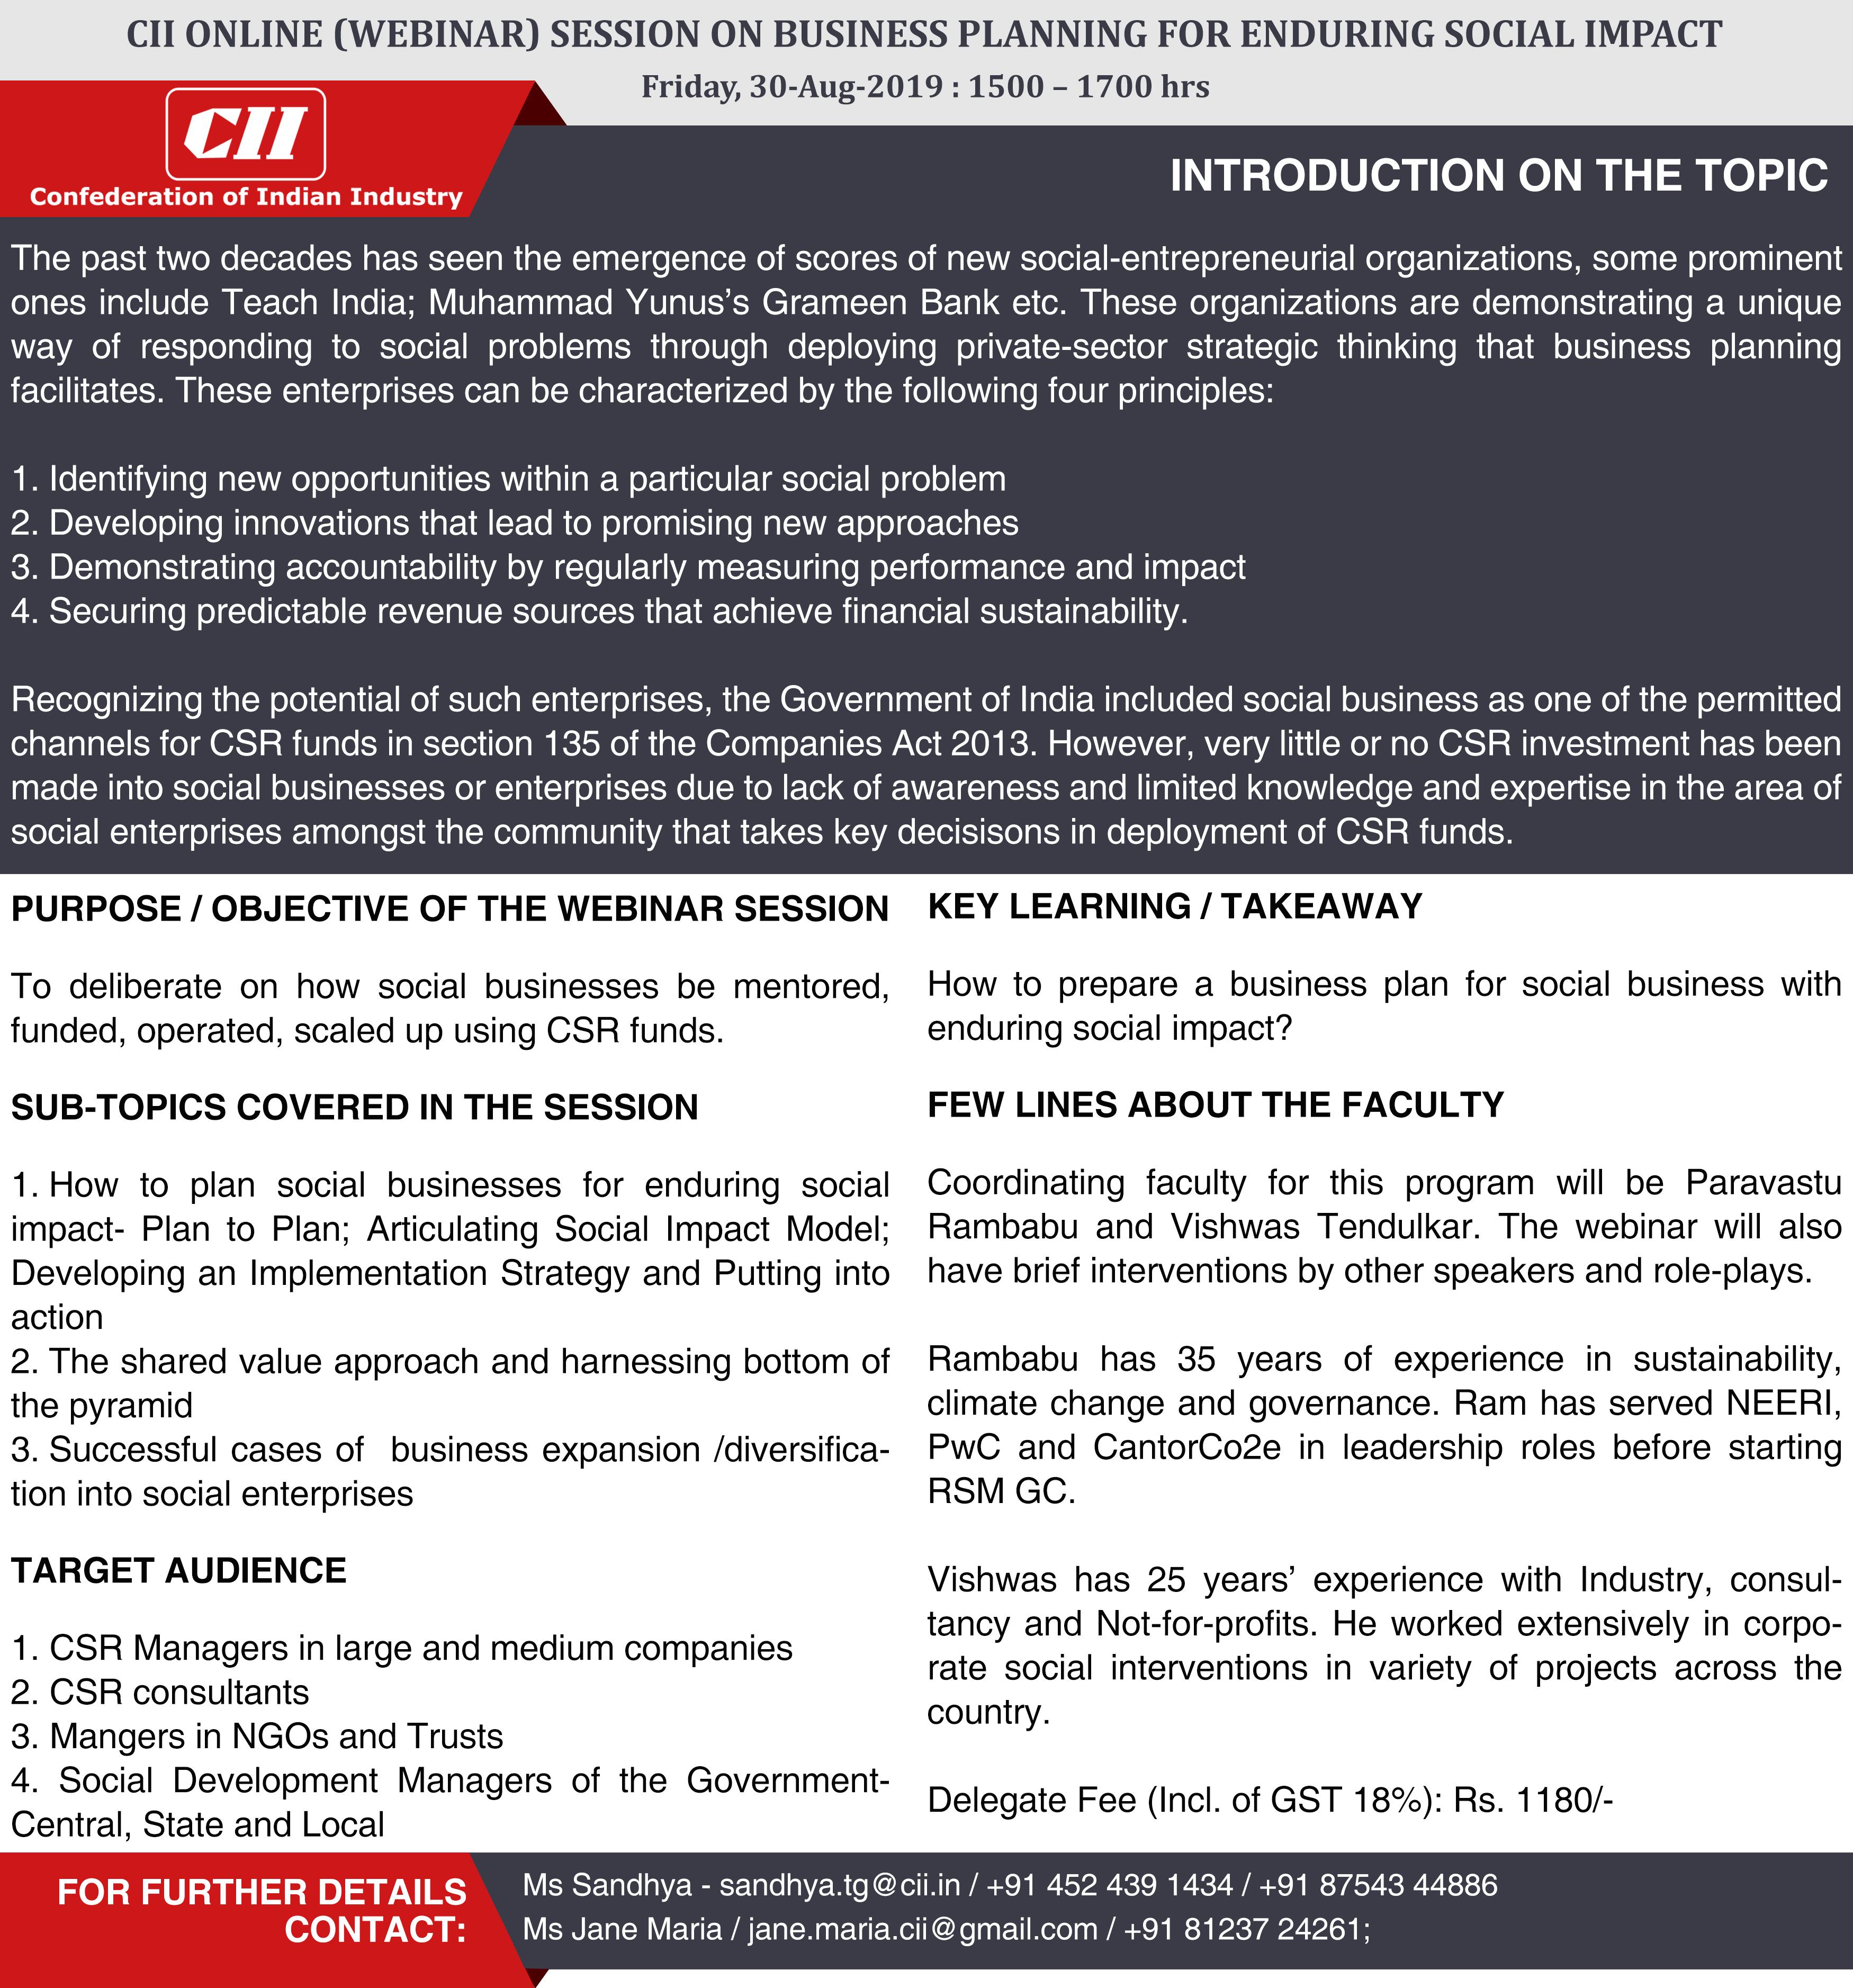 CII Online (Webinar) Session on 'Business Planning for Enduring